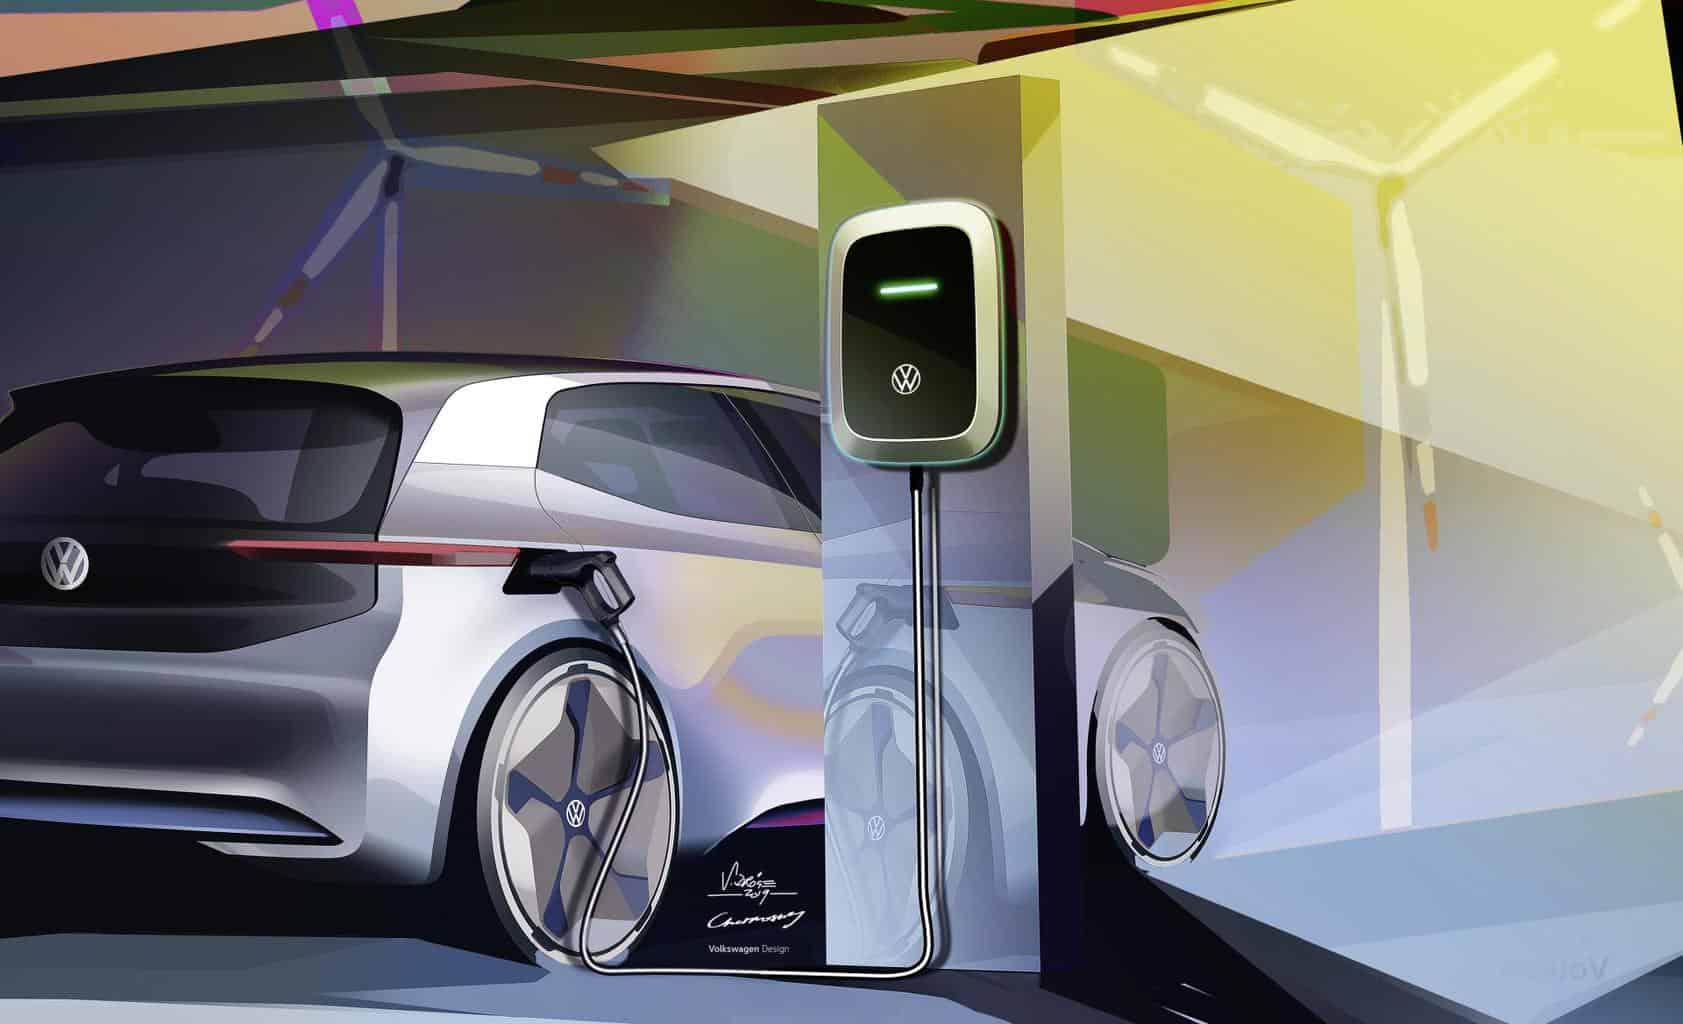 VW: Europas größter Elektroauto-Hersteller - Ende April 2020